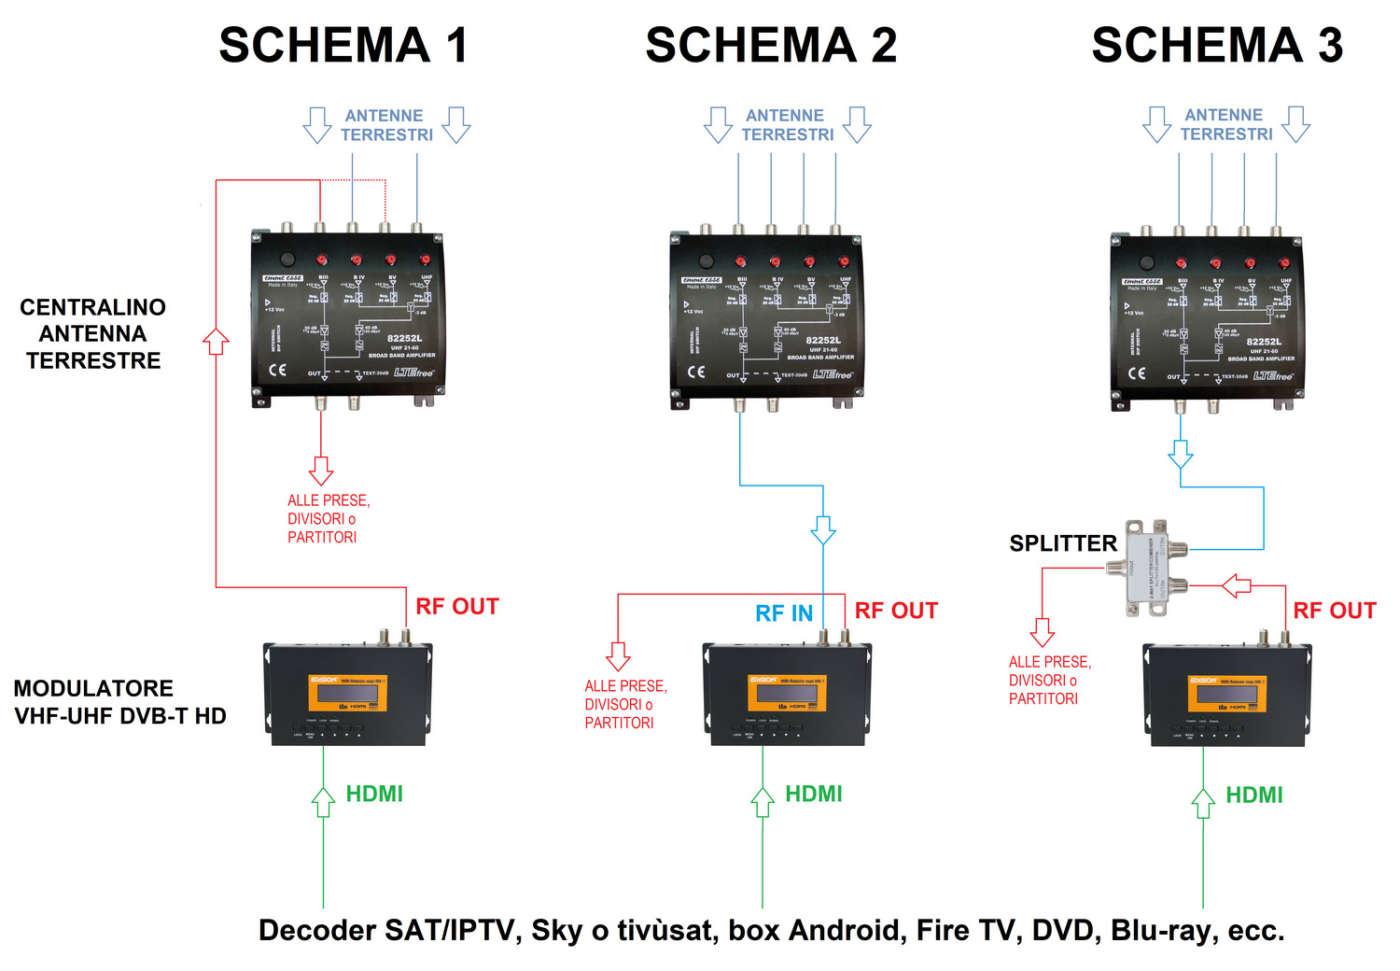 Schema installazione modulatore in impianto DTT